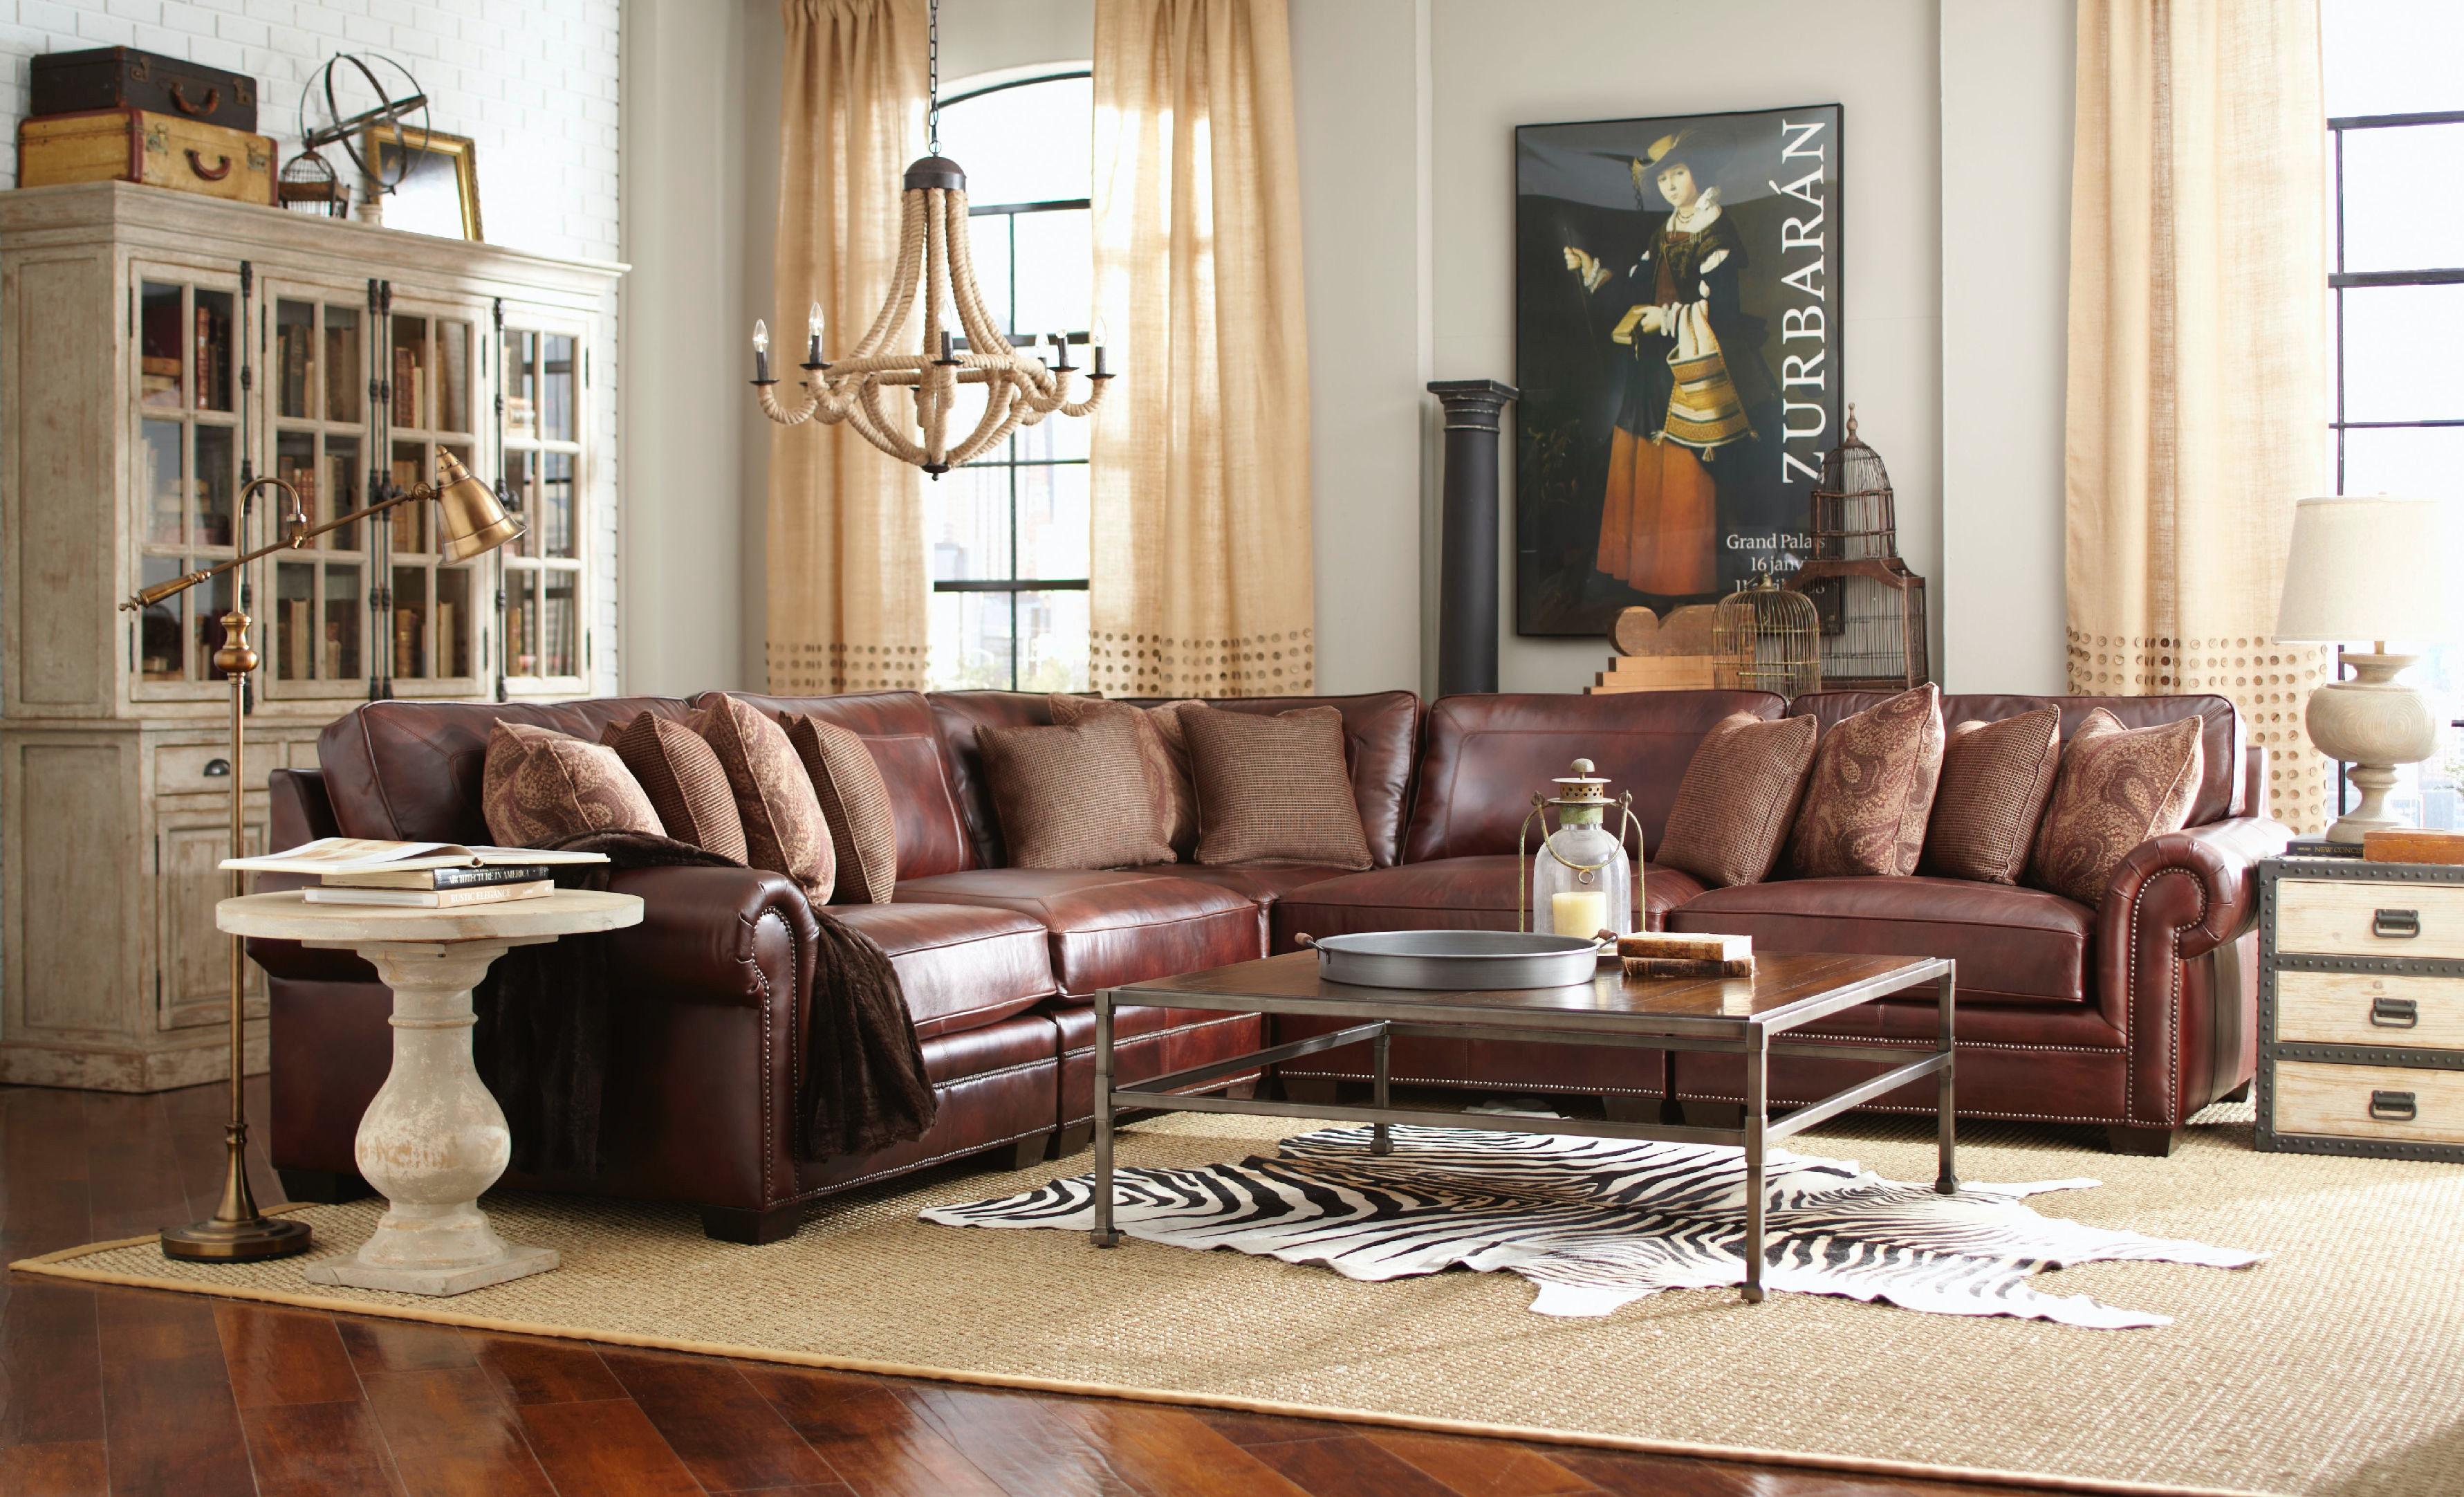 Merveilleux Grandview 5 Piece Leather Sectional GP:L106